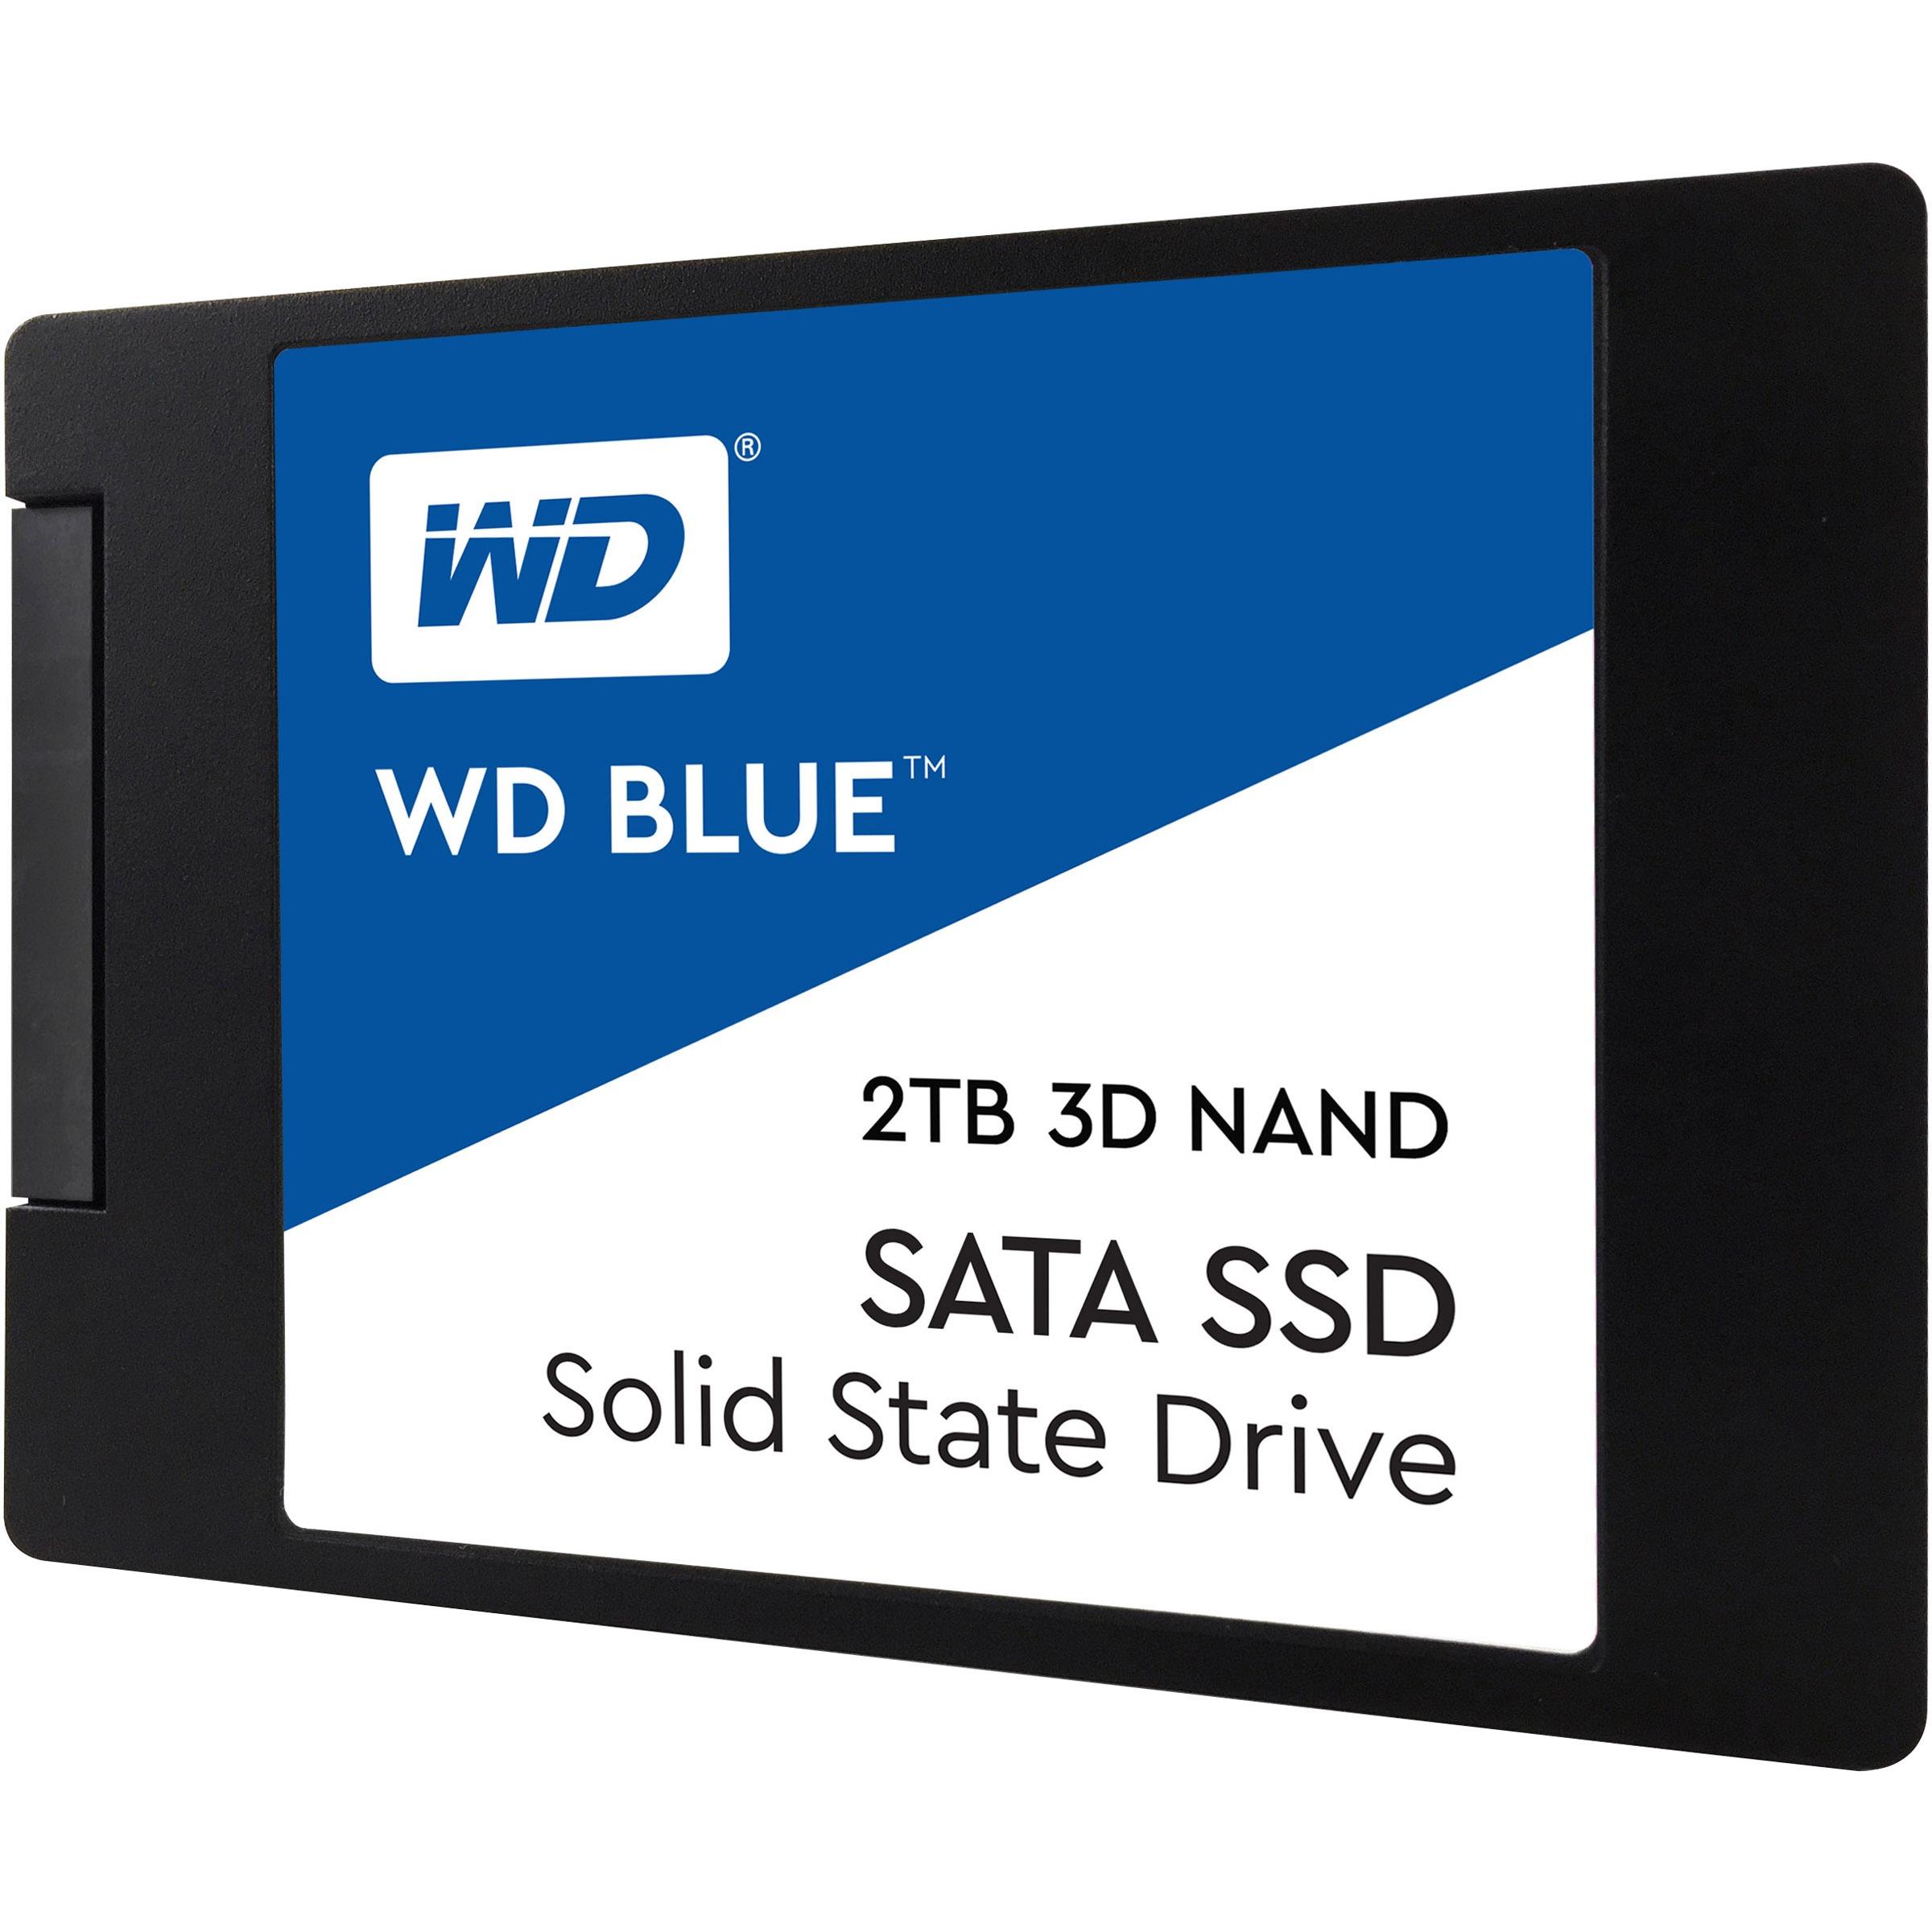 """WD BLUE 2TB 3D NAND SATA 2.5"""" 7mm SSD (Solid State Drive) - WDS200T2B0A"""